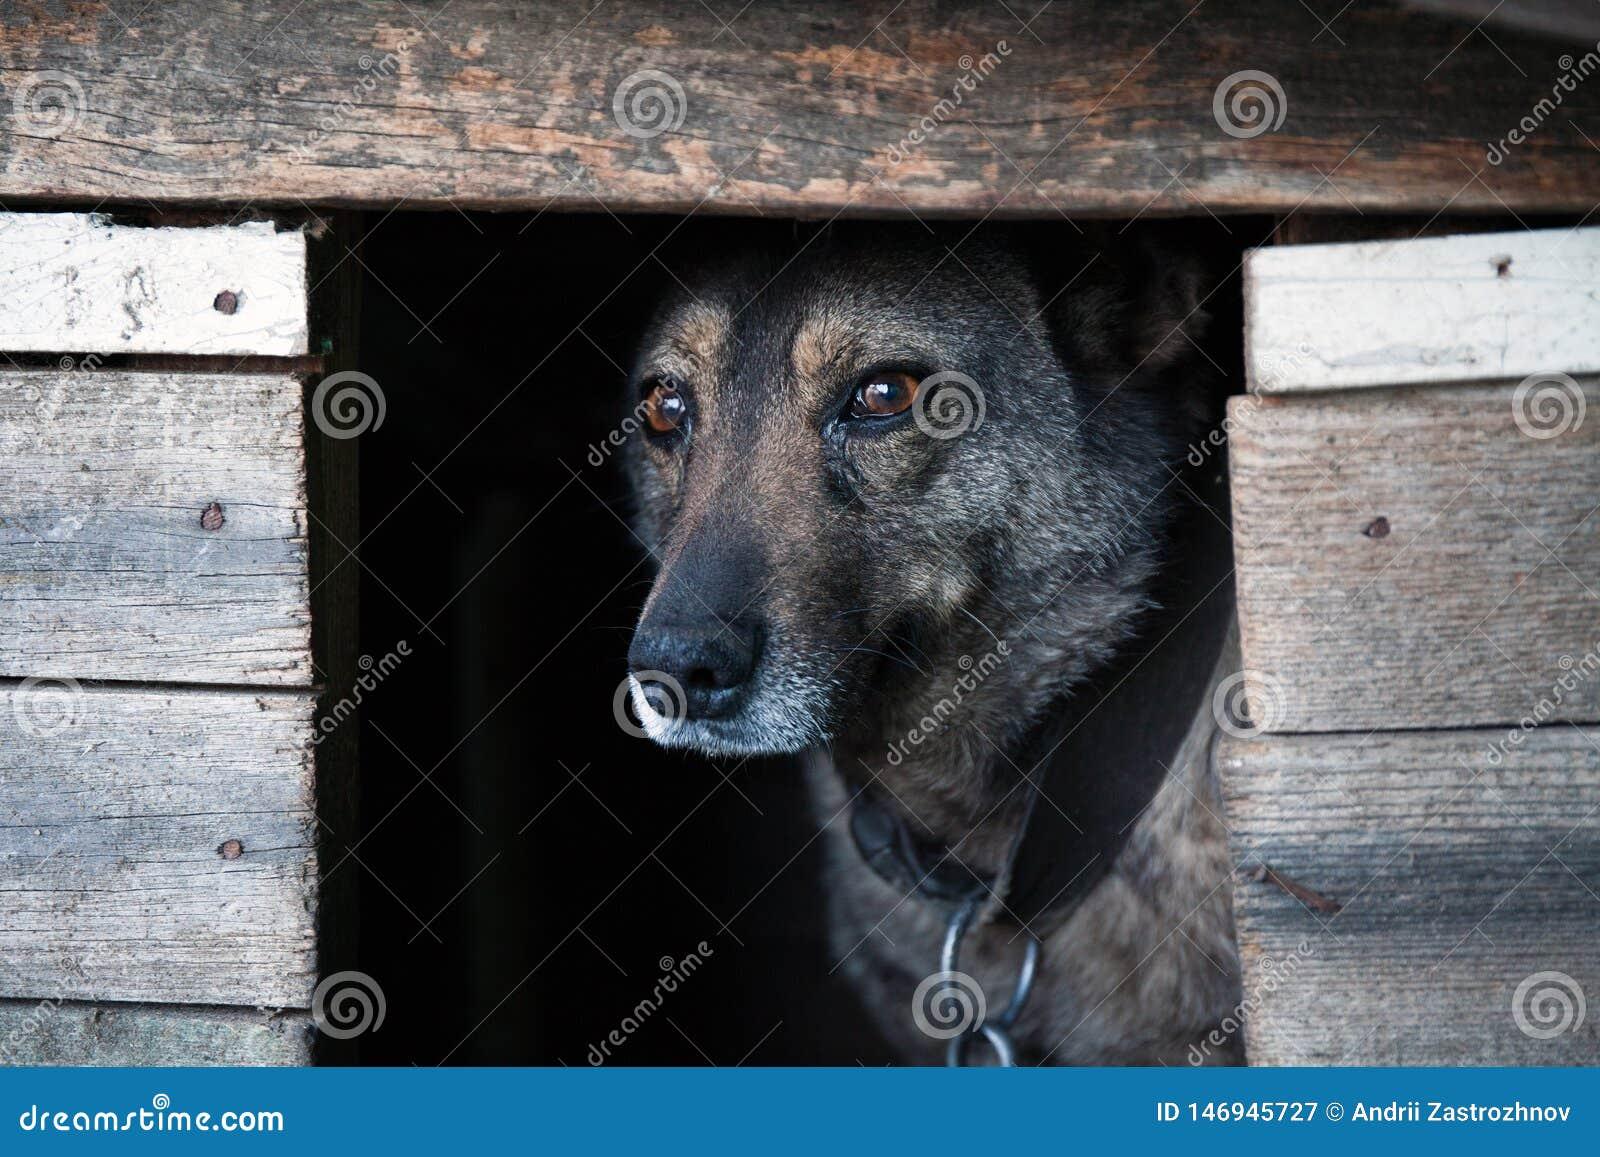 Hund mit einem traurigen Blick in einem dunklen Kasten